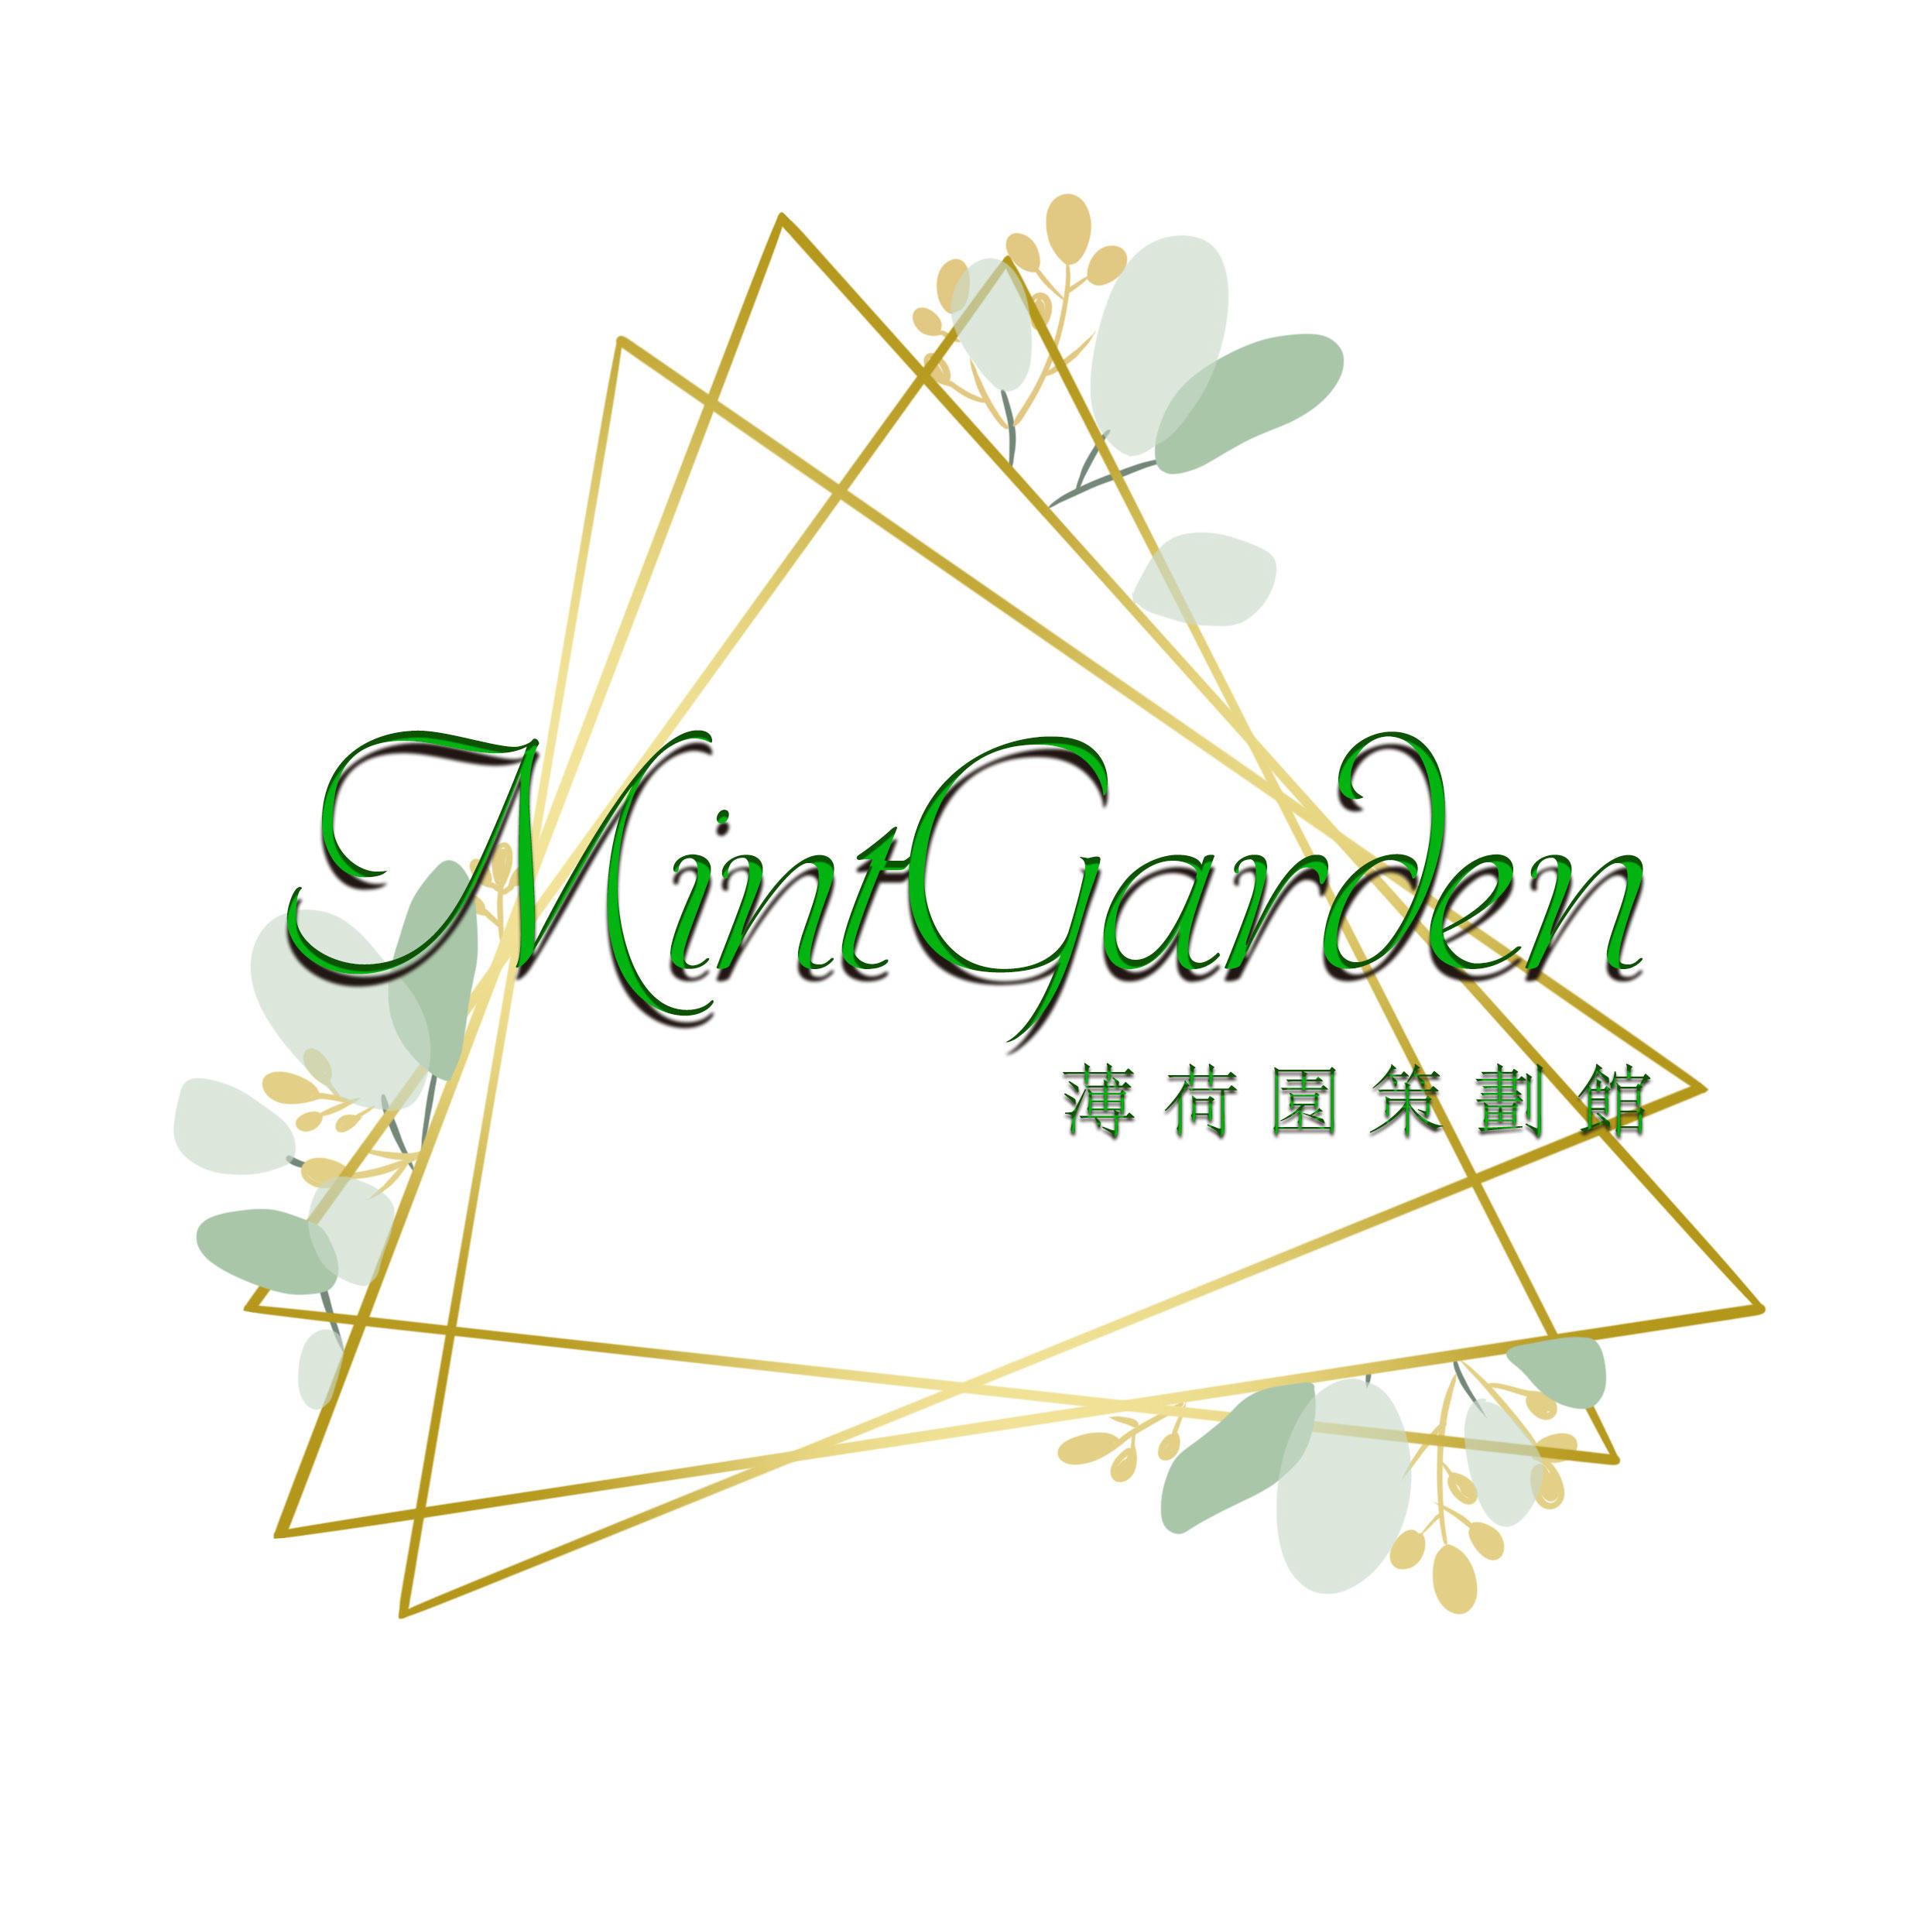 Mint Garden 薄荷园策划馆